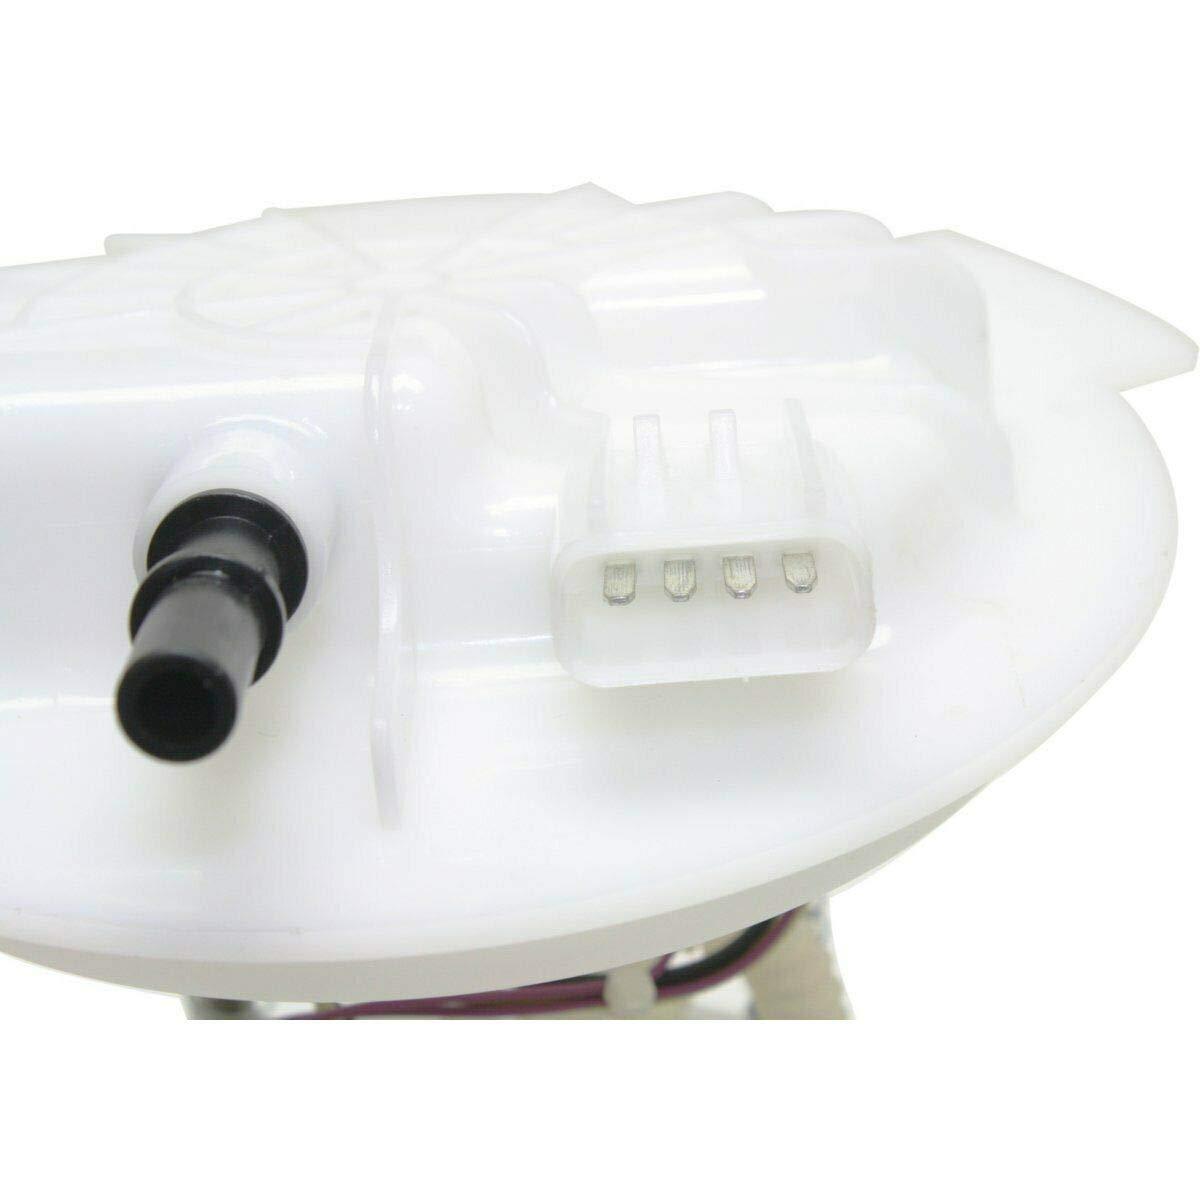 Maxfavor Fuel Pump Module Assembly w//Sending Unit for 2008 2009 2010 Chrysler Town /& Country//Dodge Grand Caravan//VW Volkswagen Routan 3.3L 3.8L 4.0L E7235M P76703M P76670M